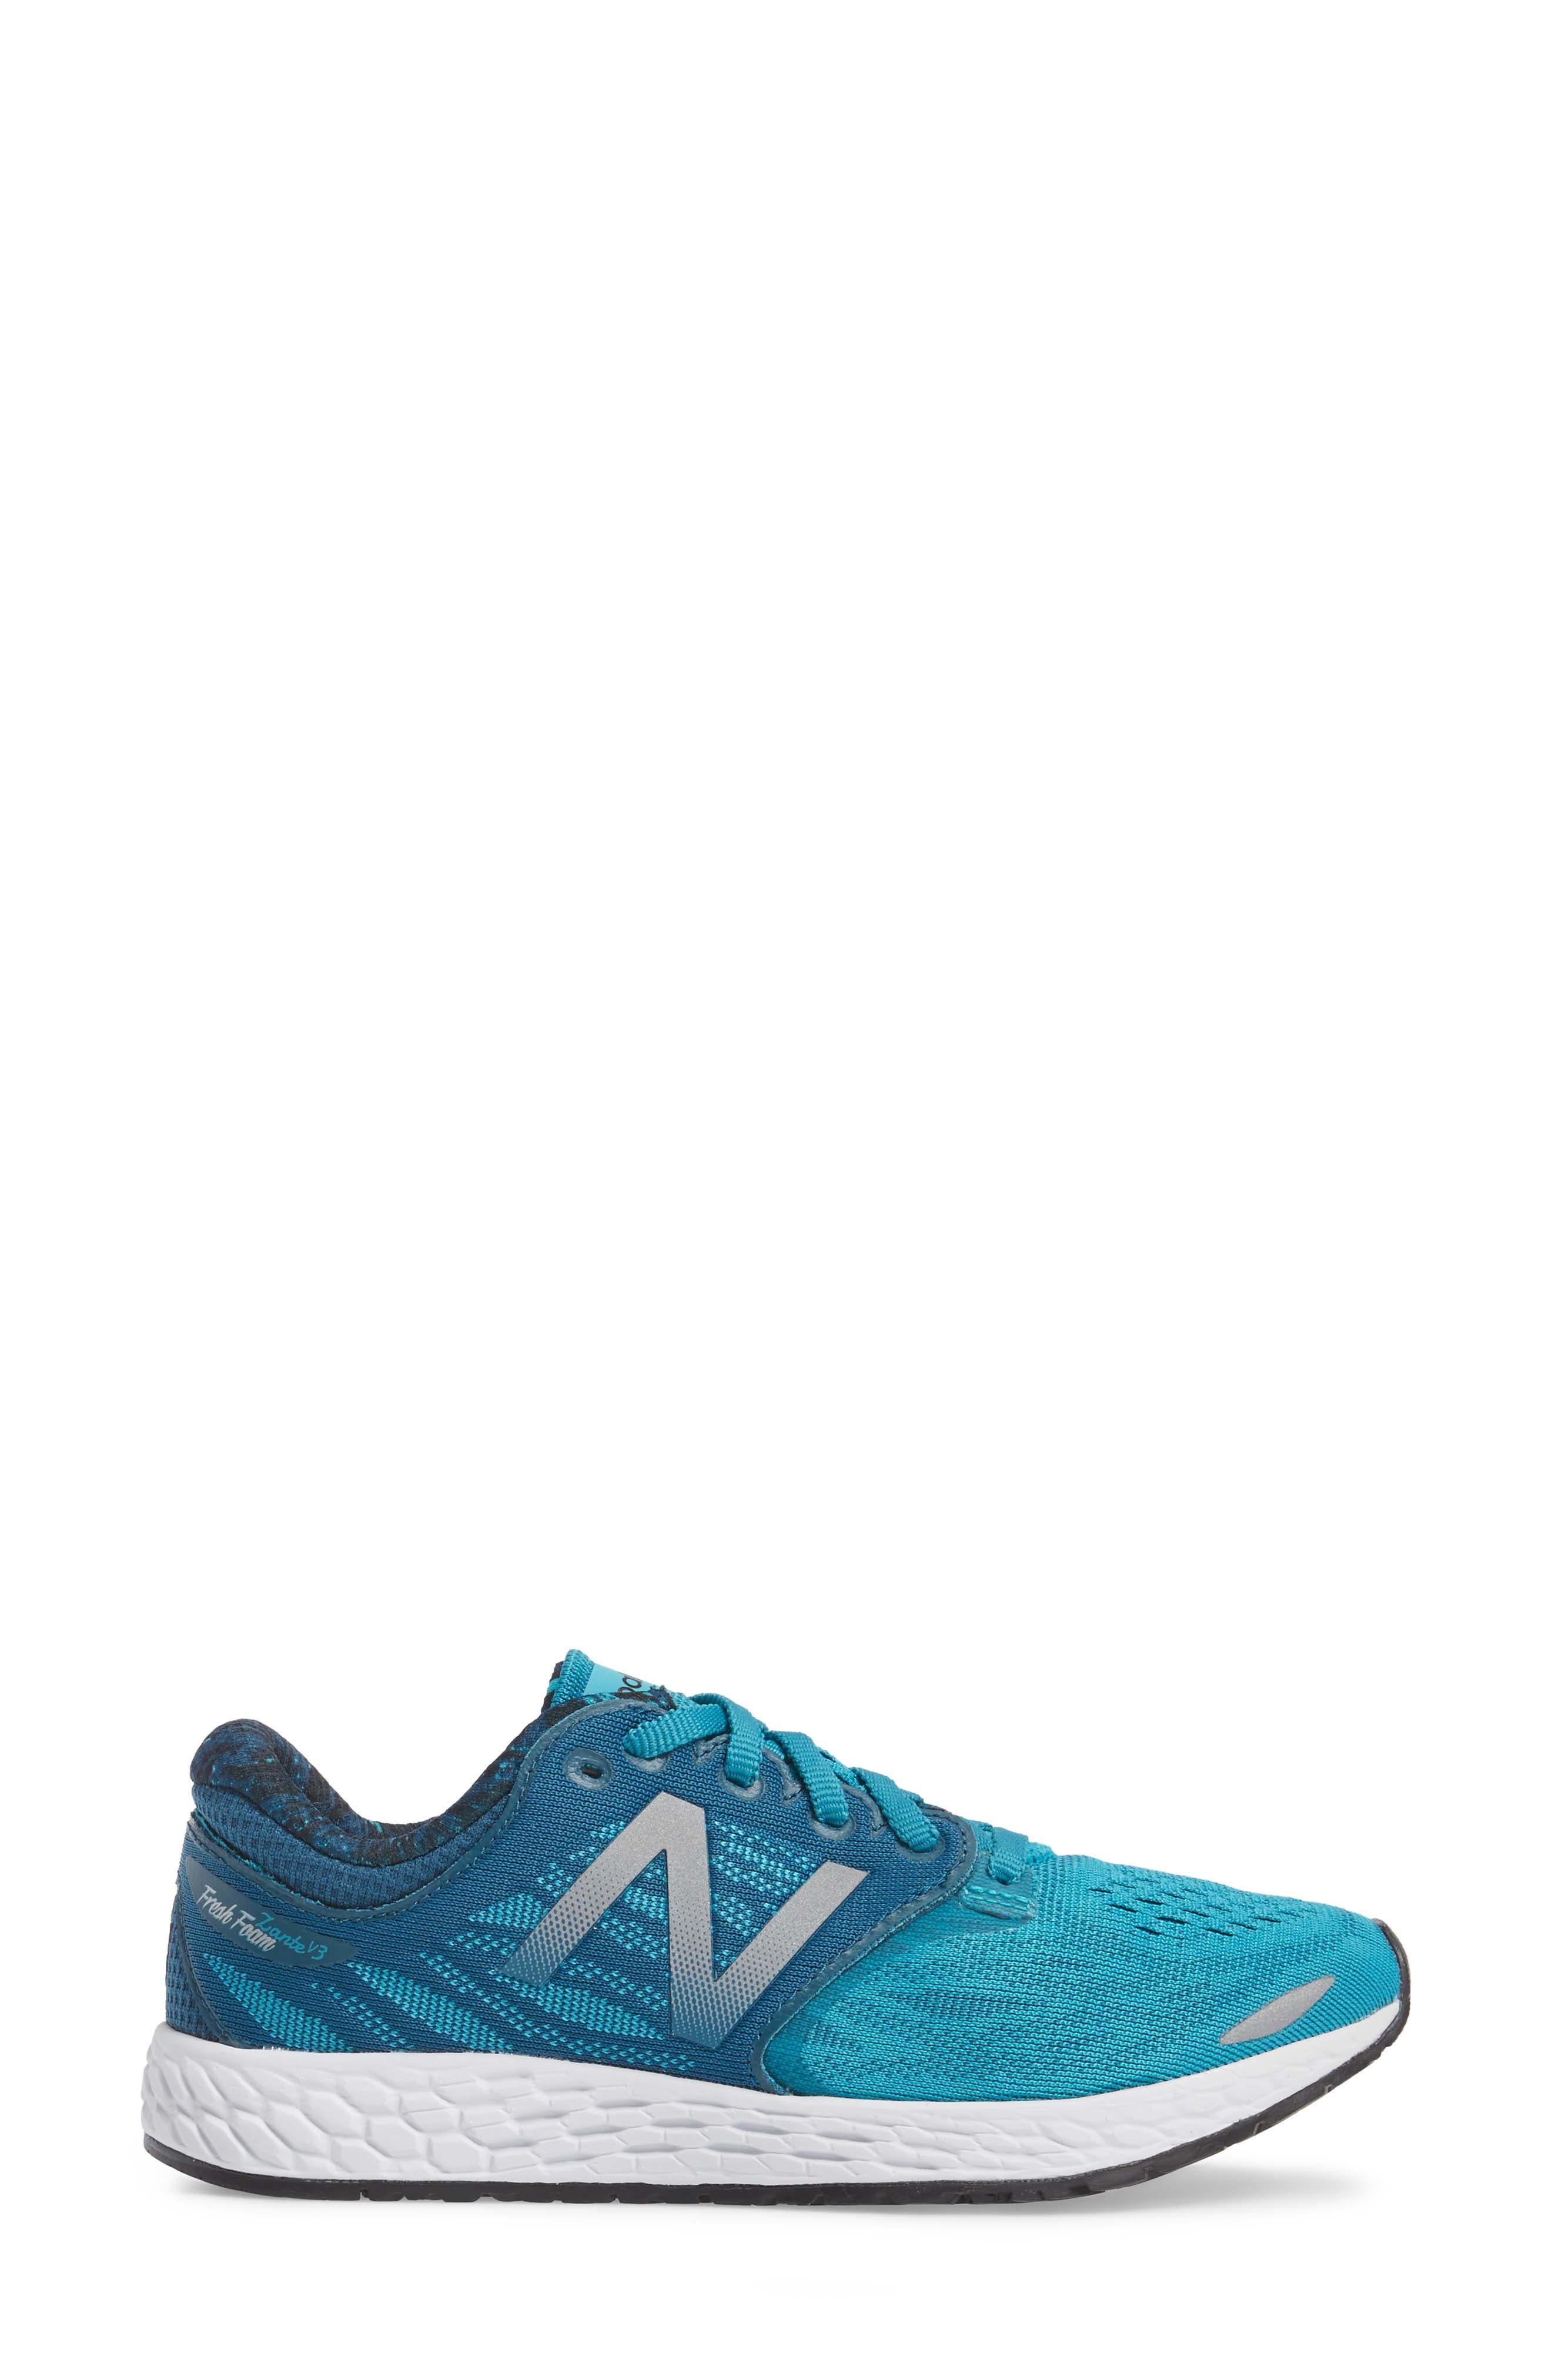 Zante V3 Running Shoe,                             Alternate thumbnail 3, color,                             Pisces